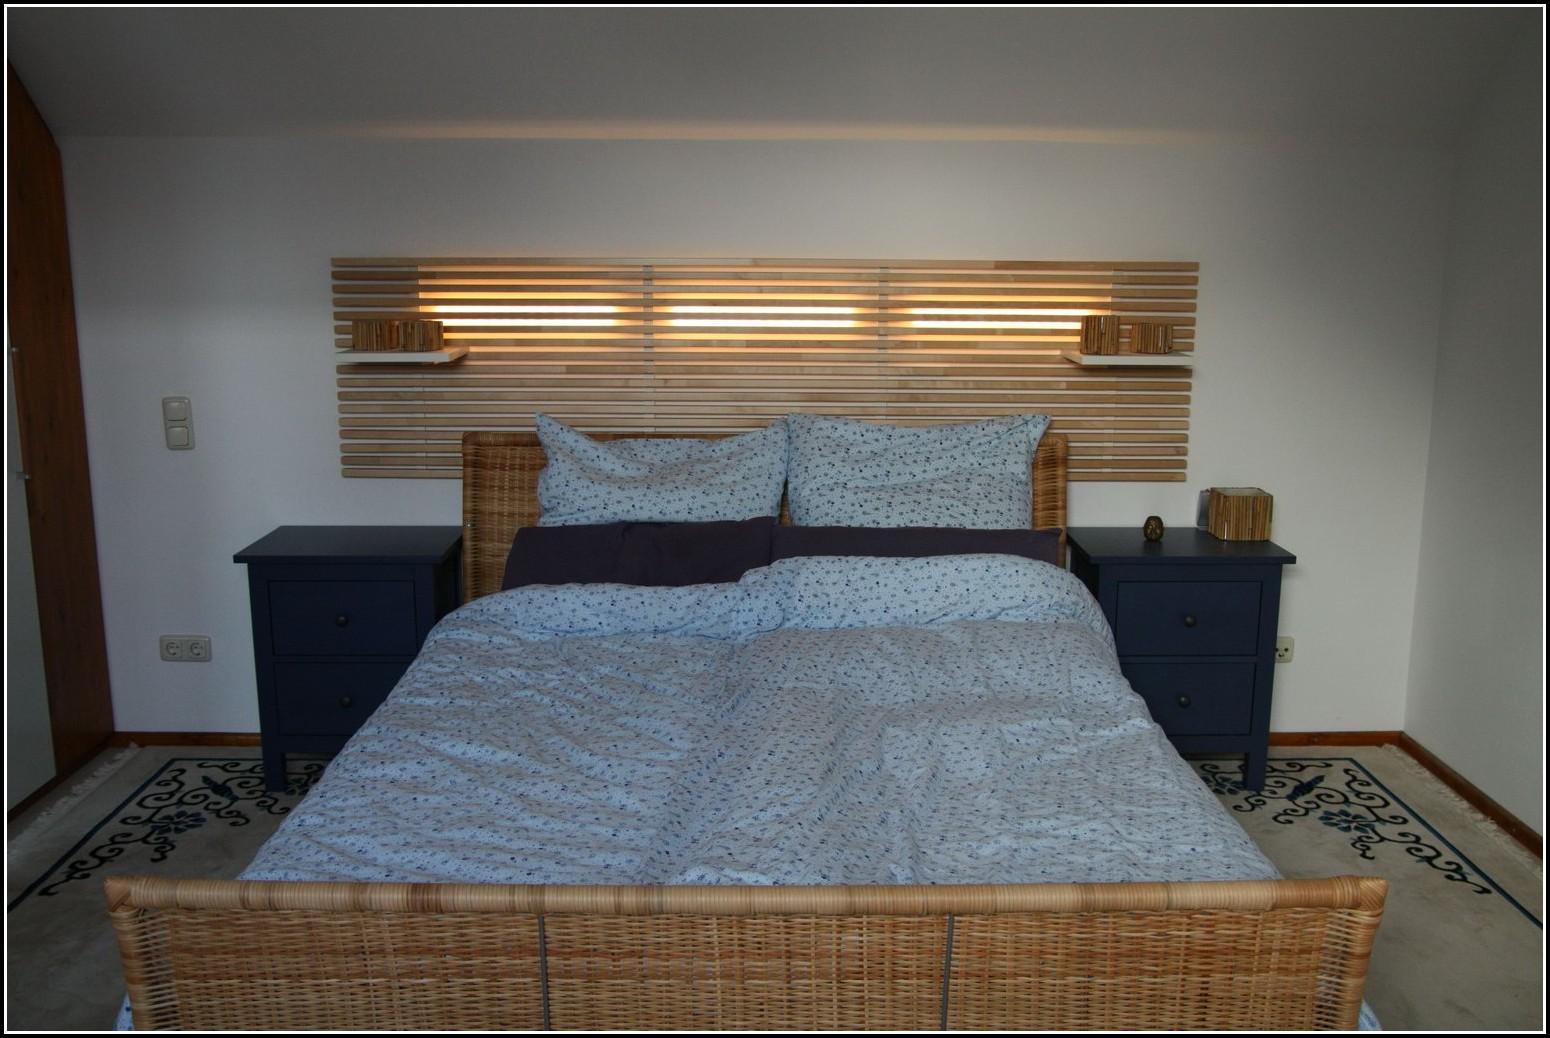 Mandal Bett Ikea Deutschland